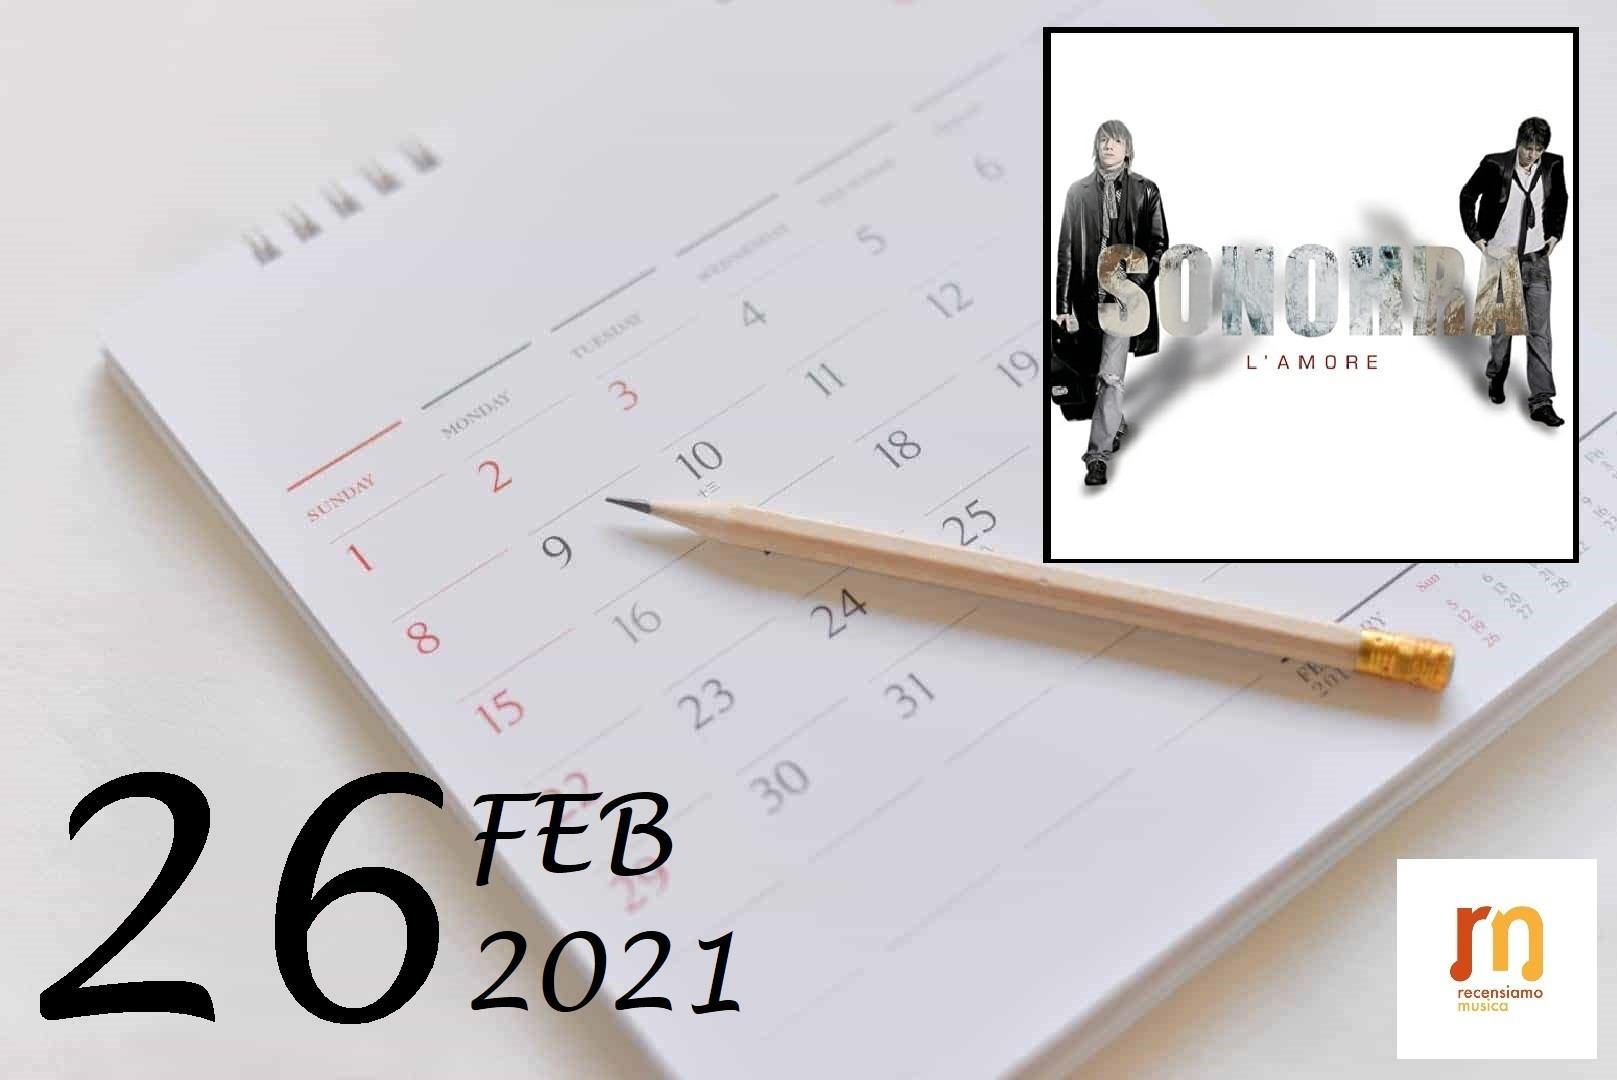 26 febbraio